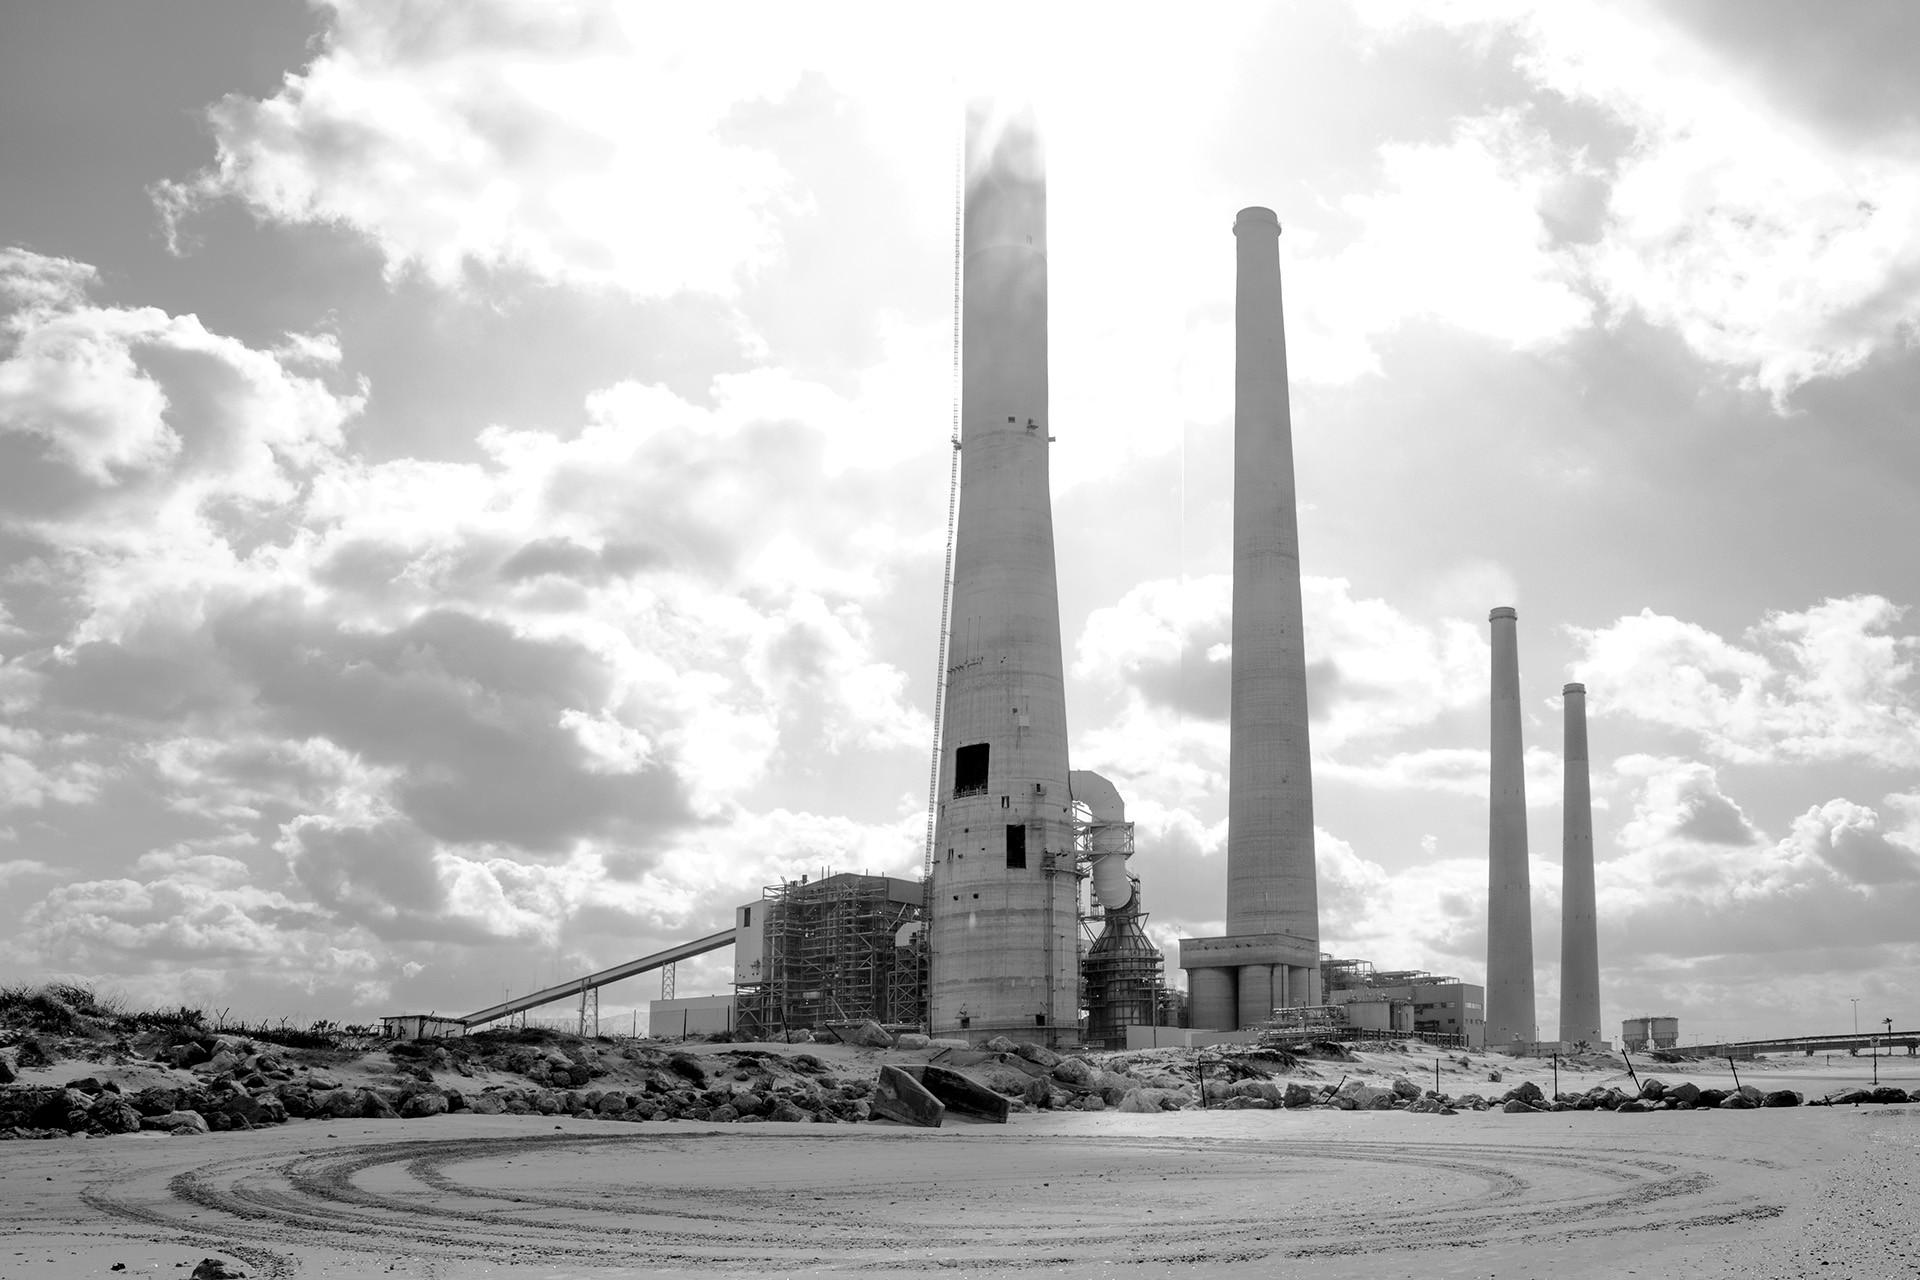 Coal power plant # 1